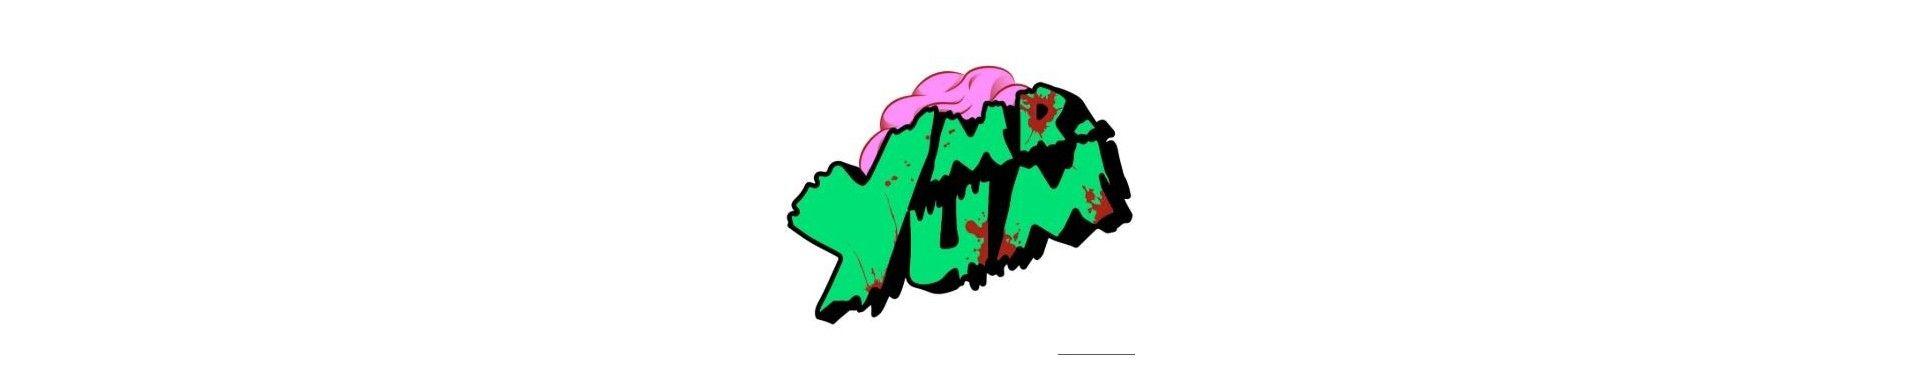 Mr. Yum